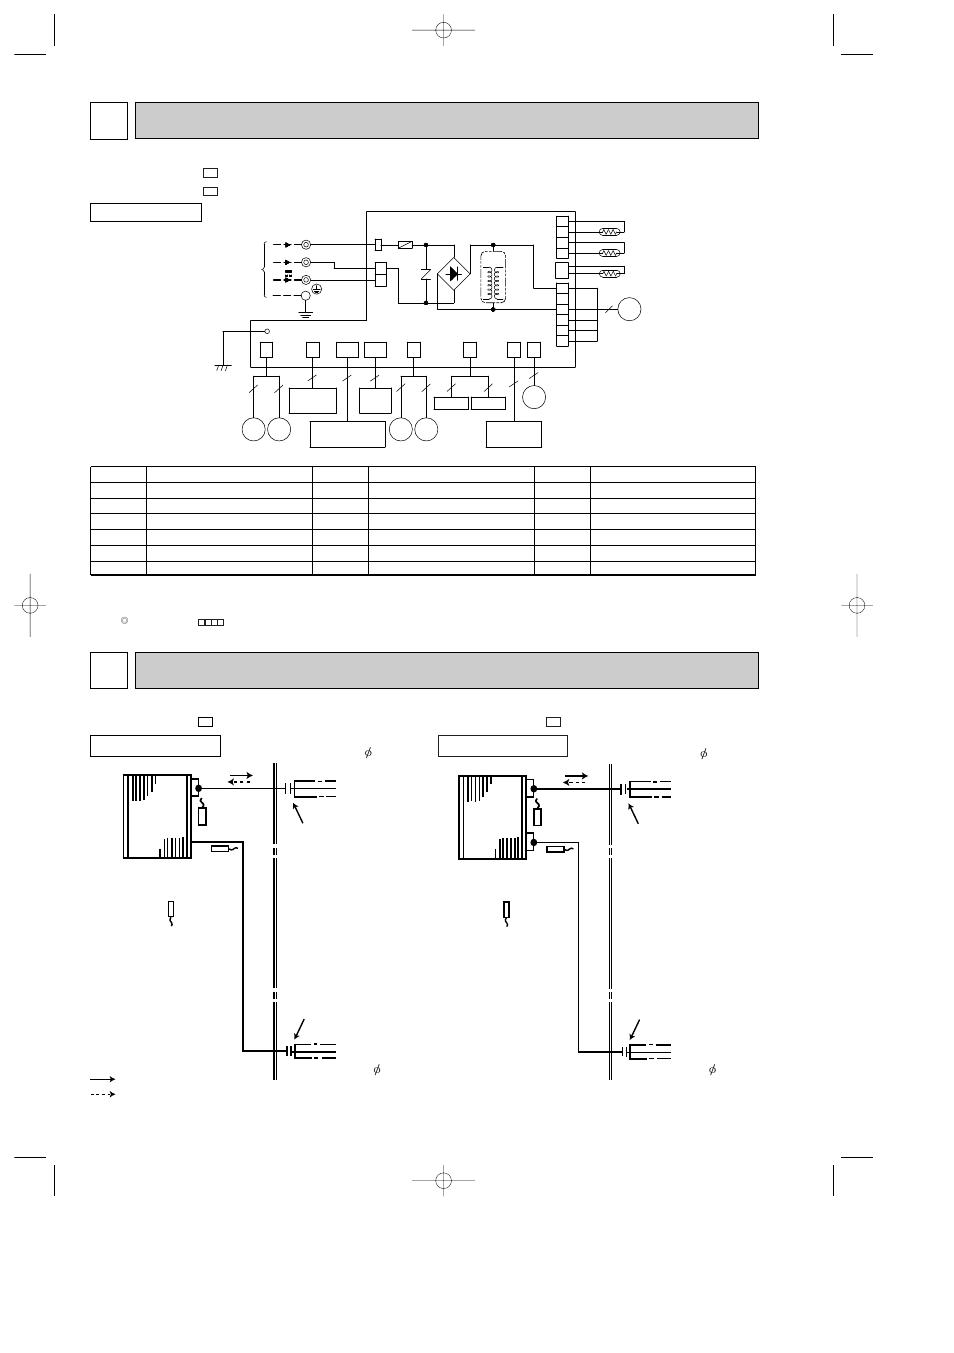 mitsubishi msz wiring diagram